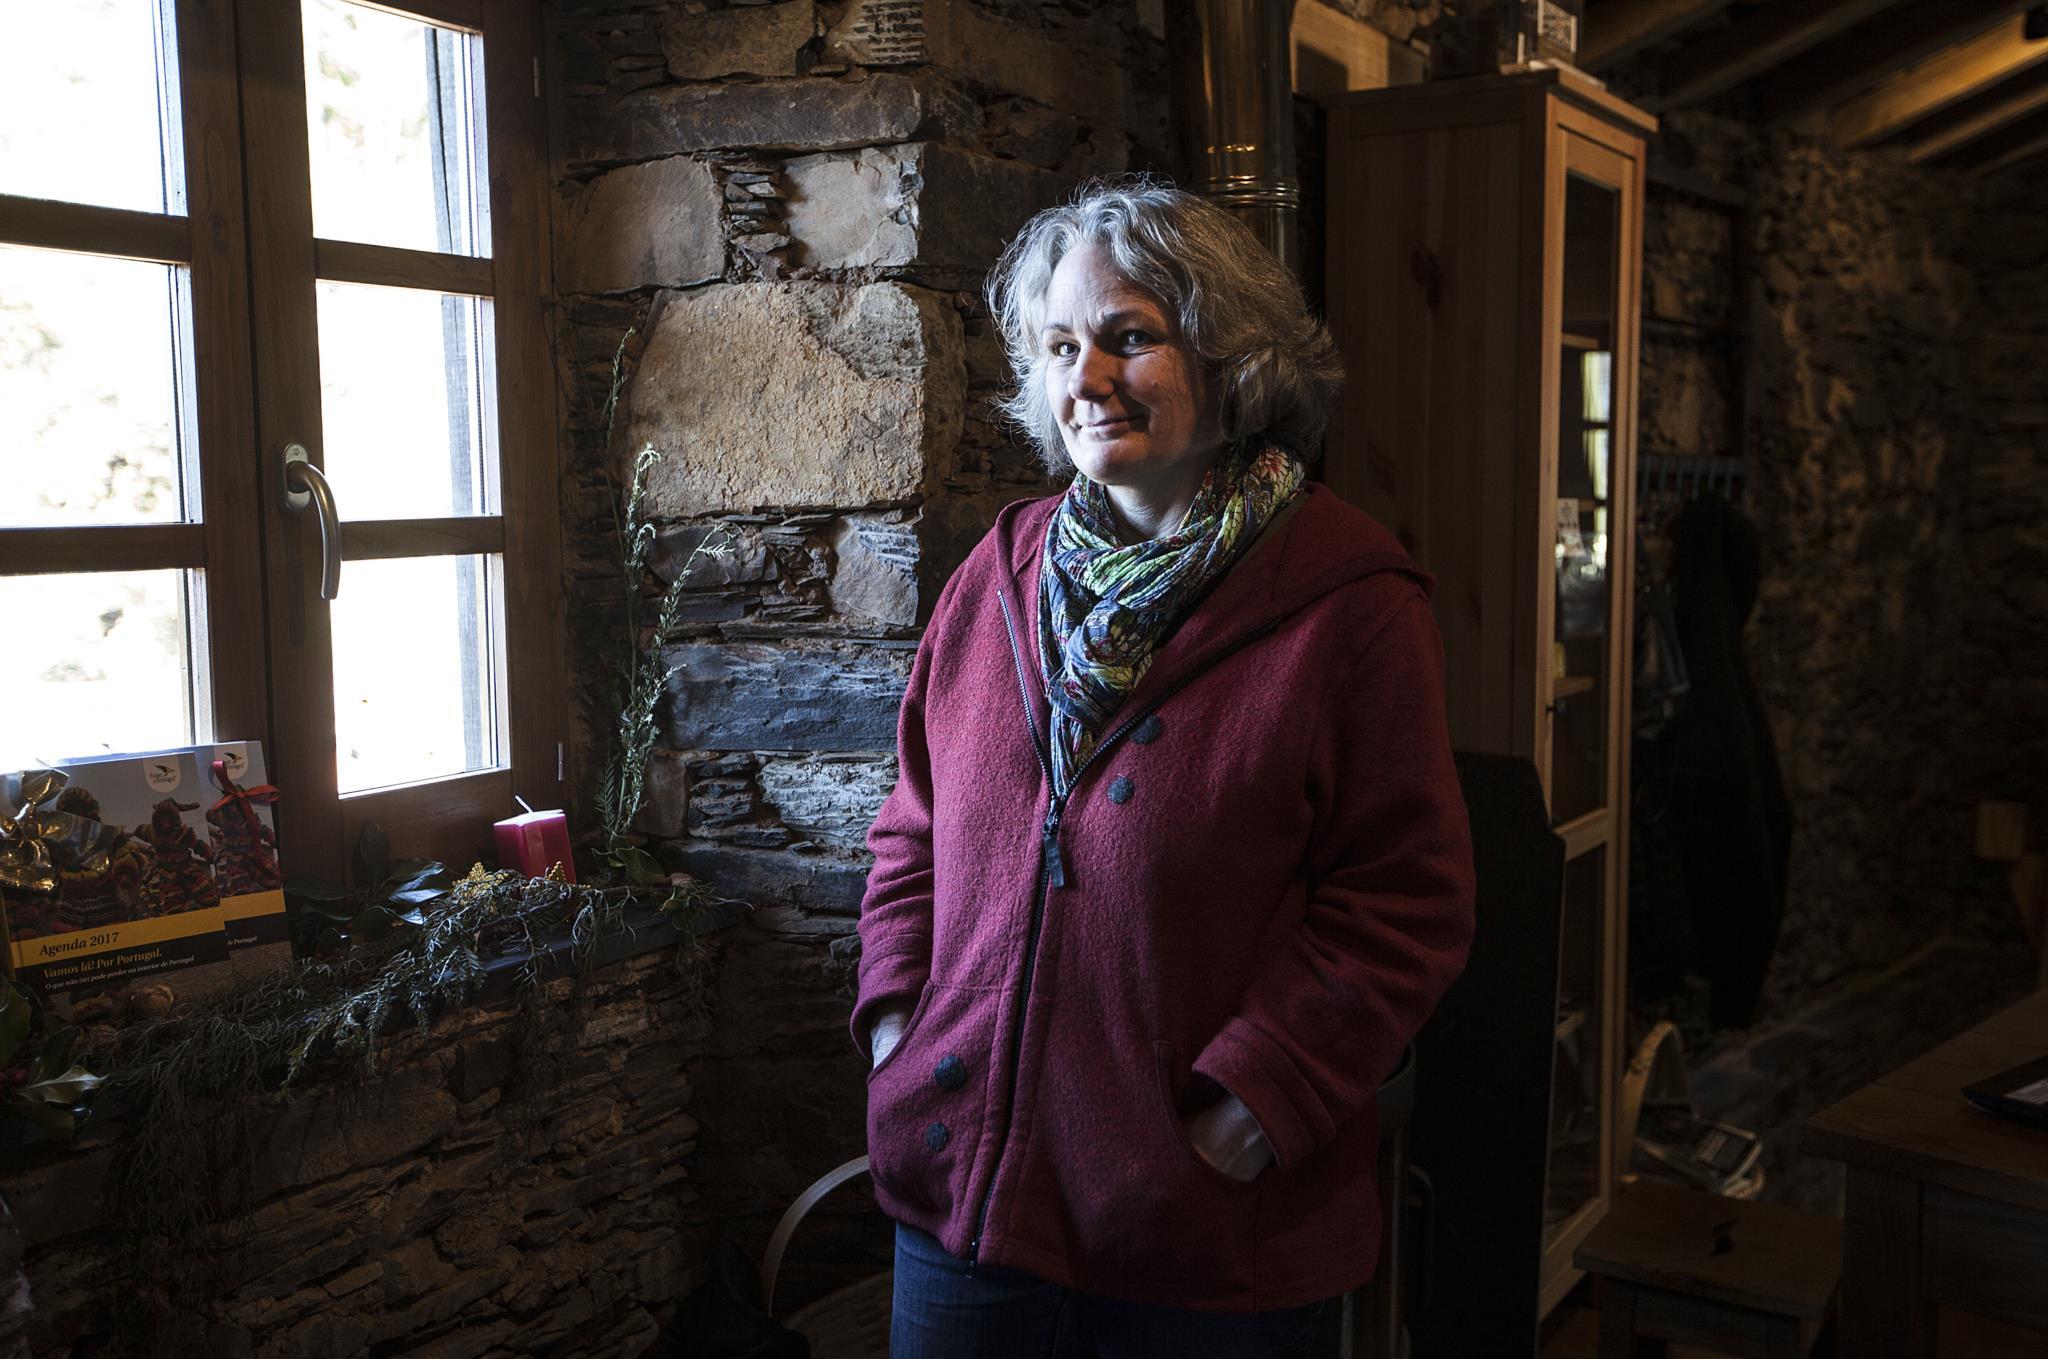 Kerstin Thomas, umas das proprietarias e dinamizadora do centro criativo Cerdeira Village